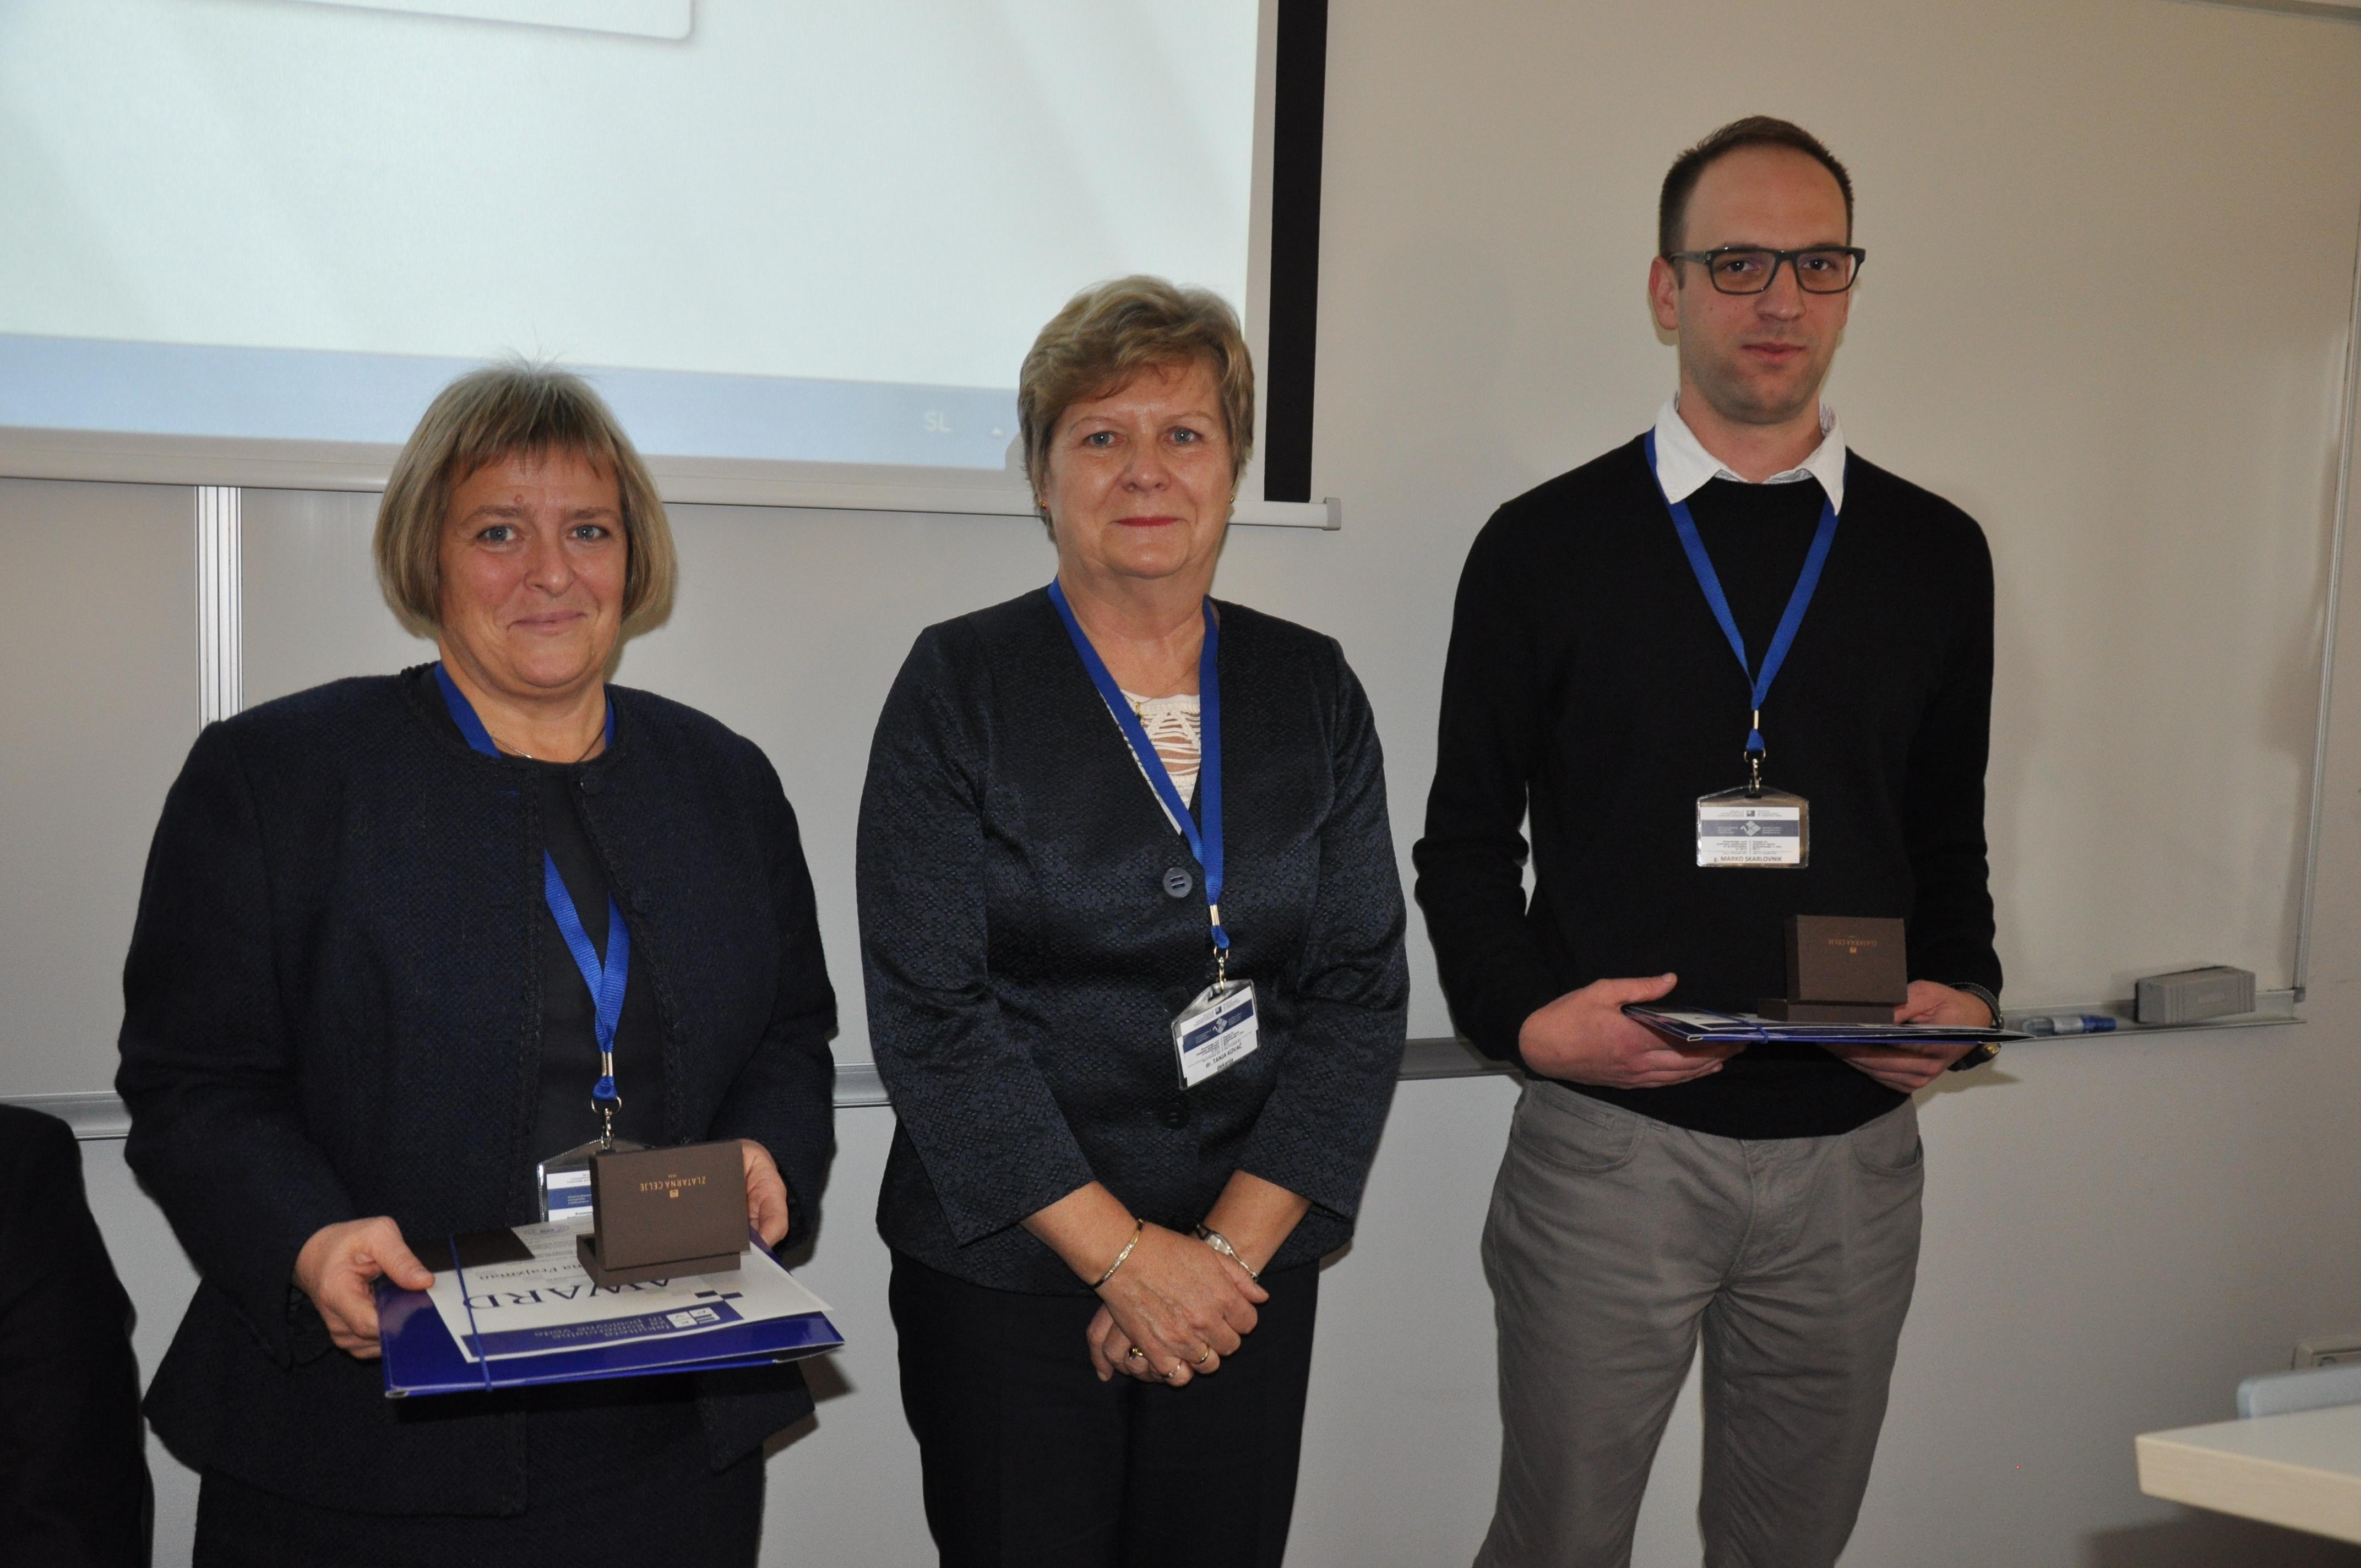 Nagrado za najboljši študentski članek je prejel Marko Skarlovnik, mag. v soavtorstvu z doc. dr. Anito Goltnik Urnaut, naslov prispevka pa Medkulturna inteligentnost pri Slovencih in Hrvatih.